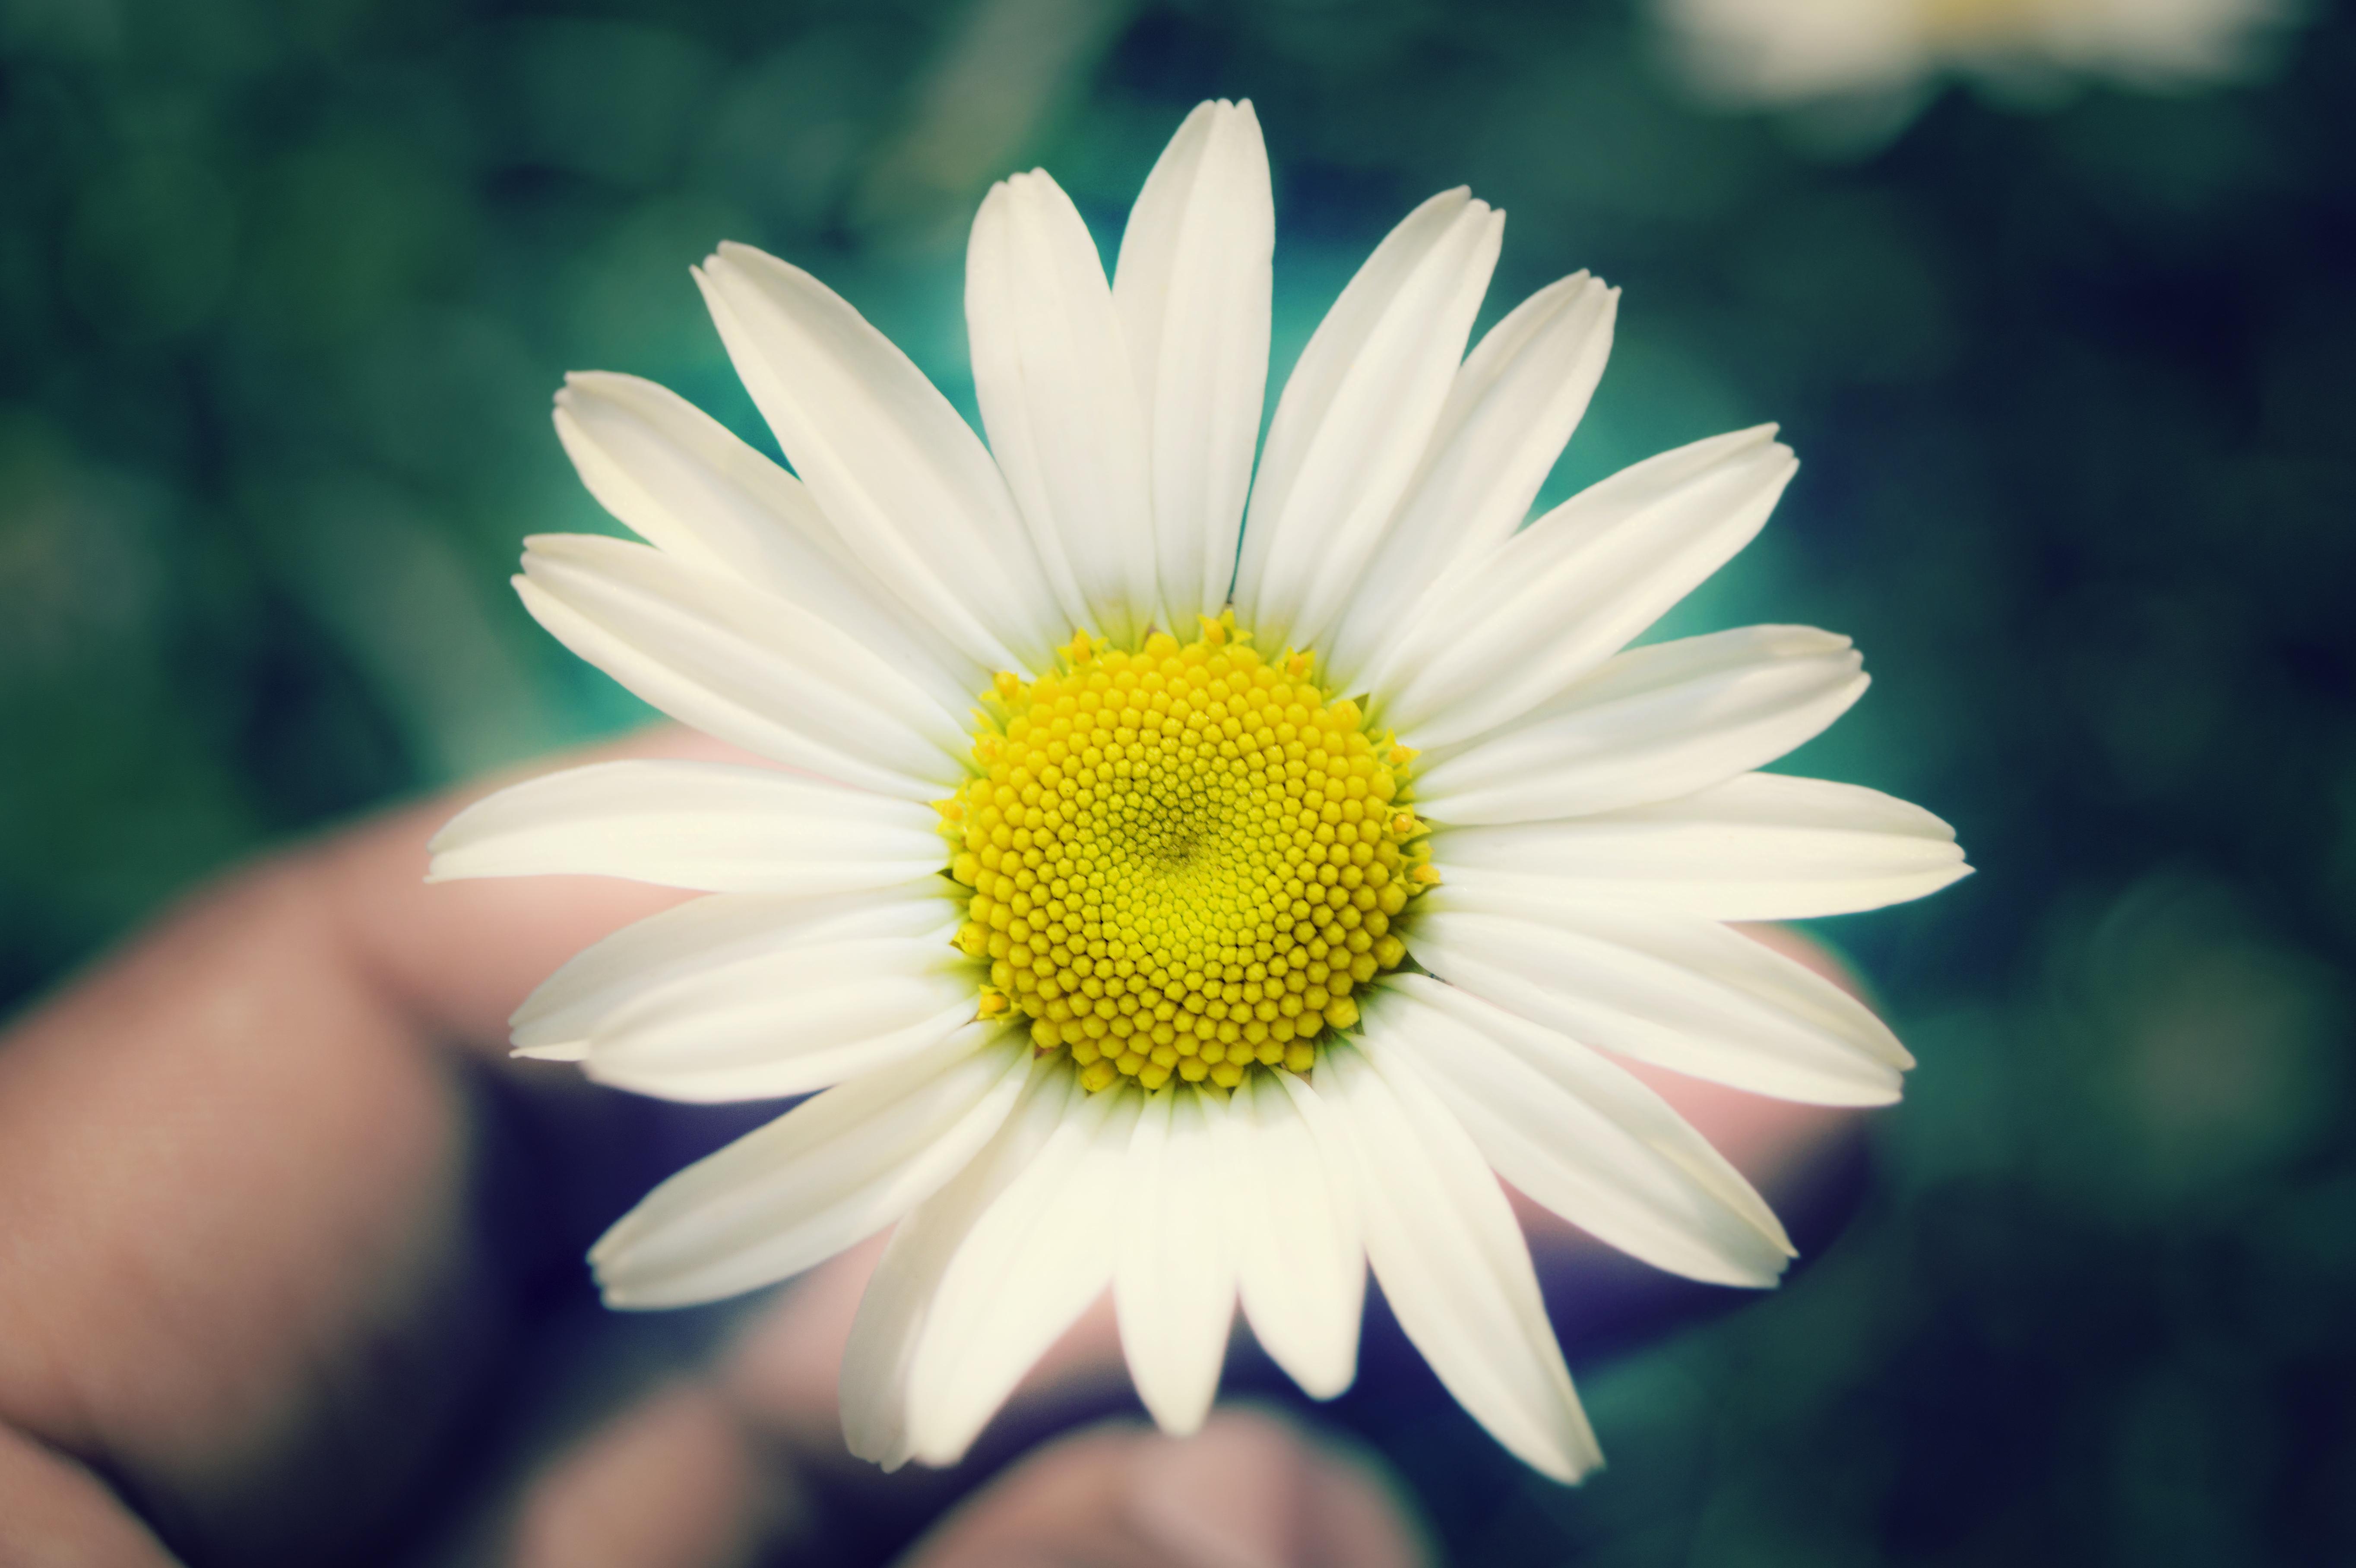 Macro Shot Of Man Plucking White Sunflower